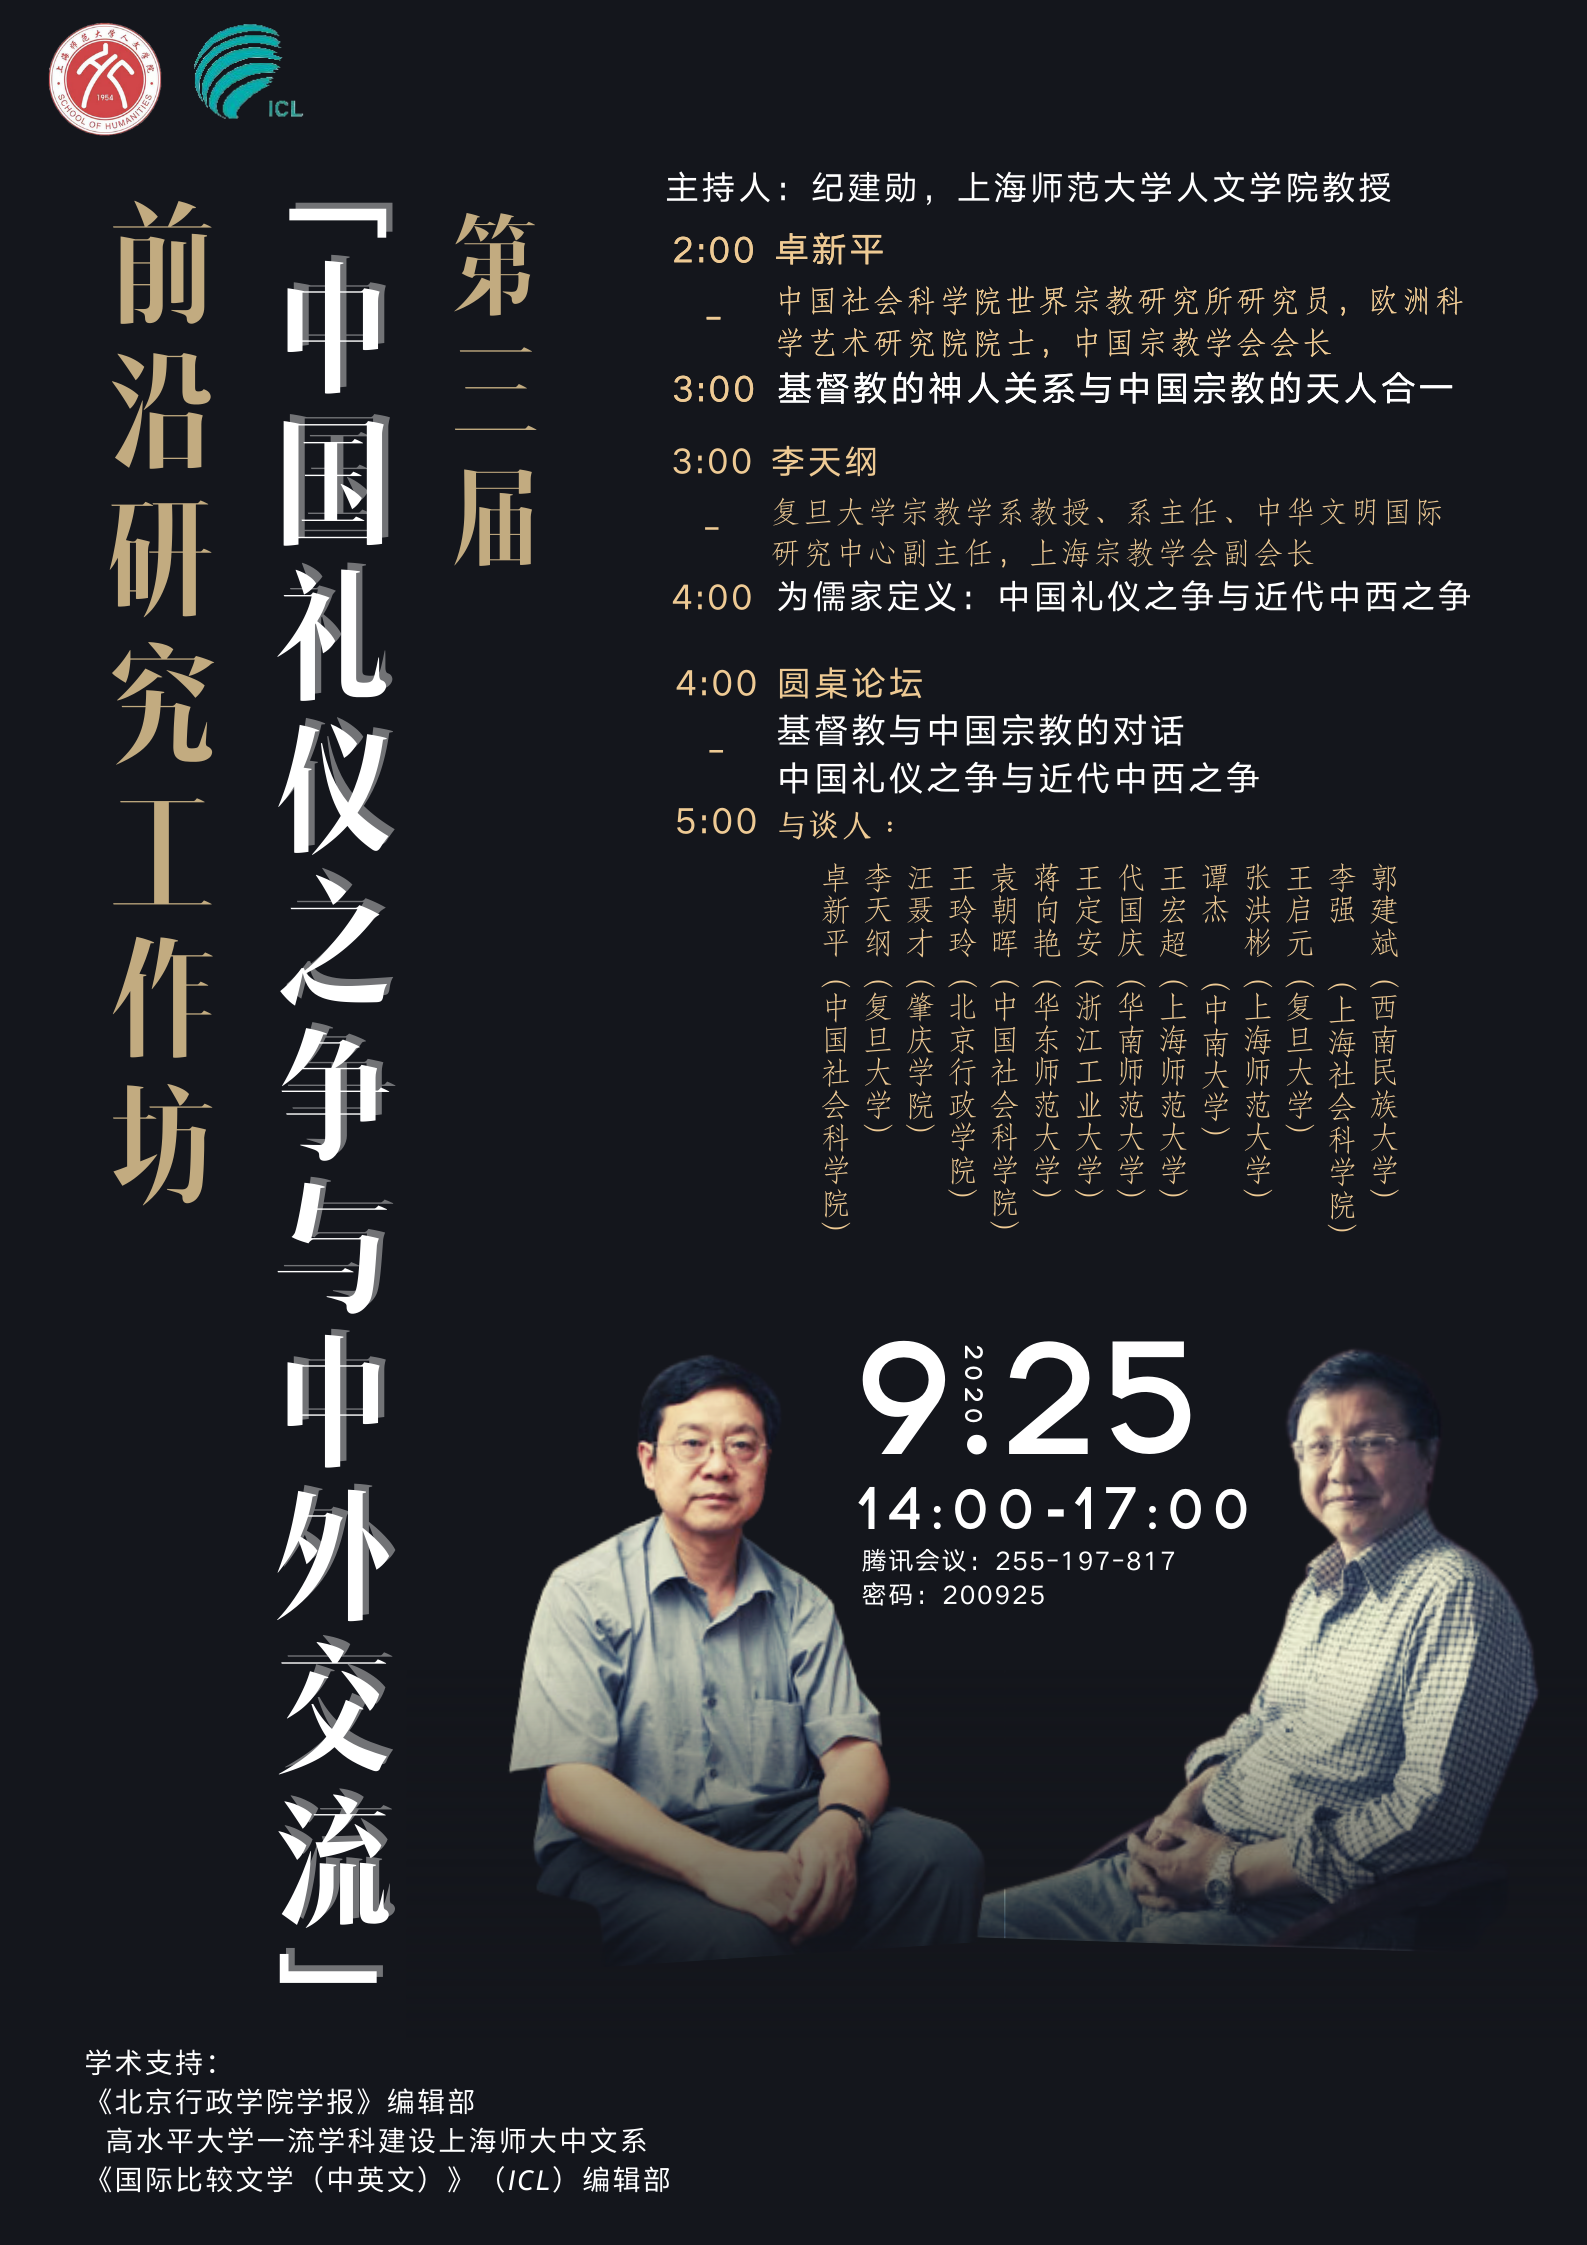 第三届中国礼仪之争与中外交流前沿研究工作坊